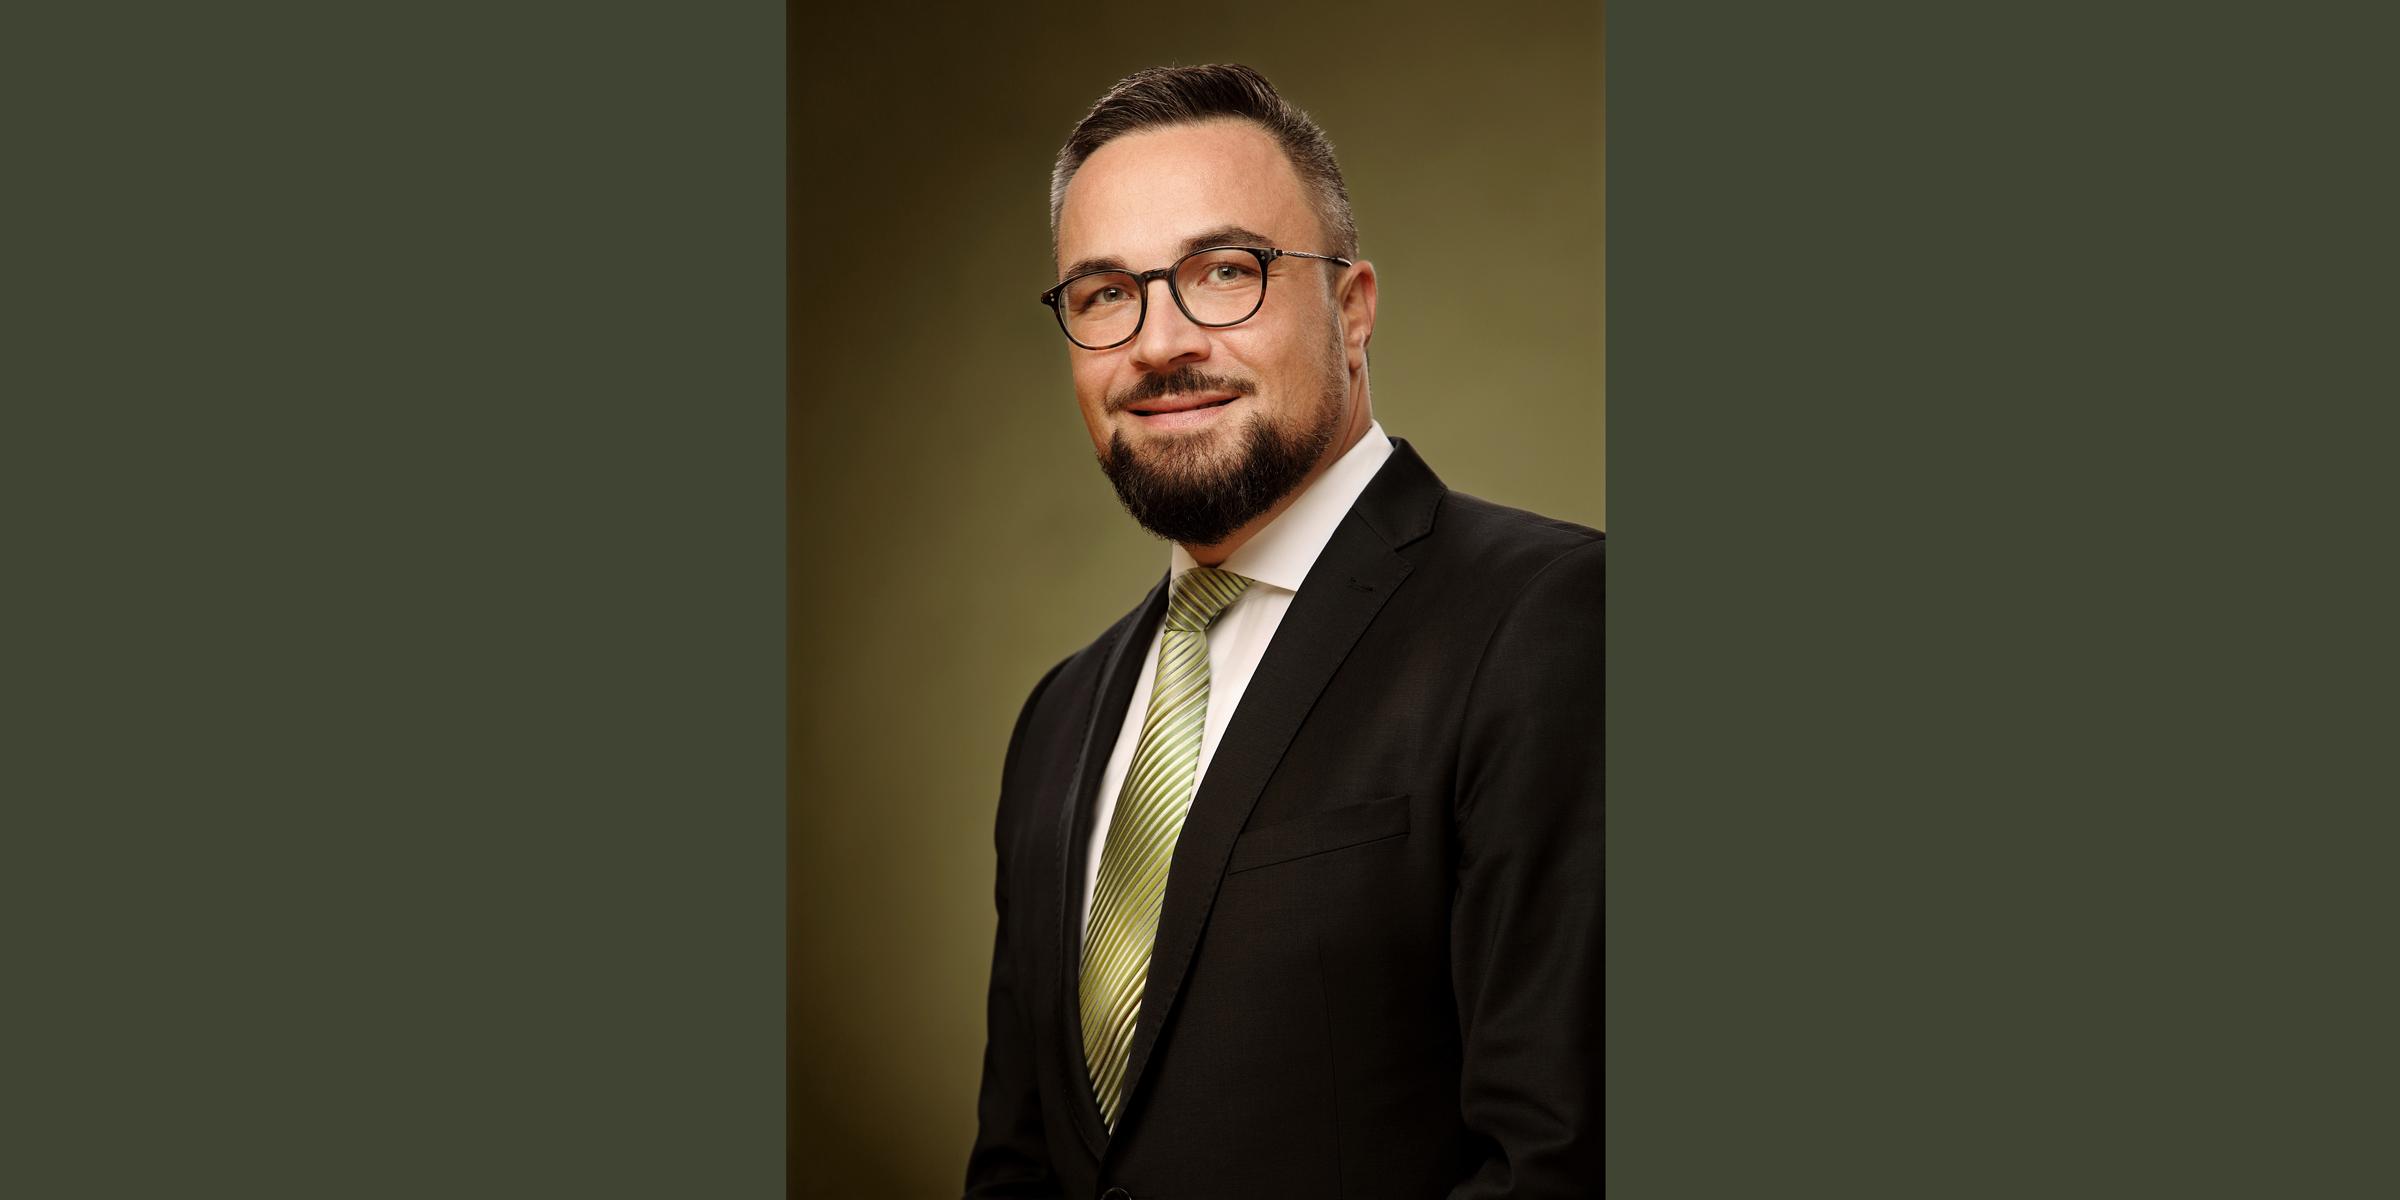 Business Portrait eines lächelnden Mannes mit dunkler Brille und Bart, der in schwarzem Business-Anzug mit Krawatte posiert.